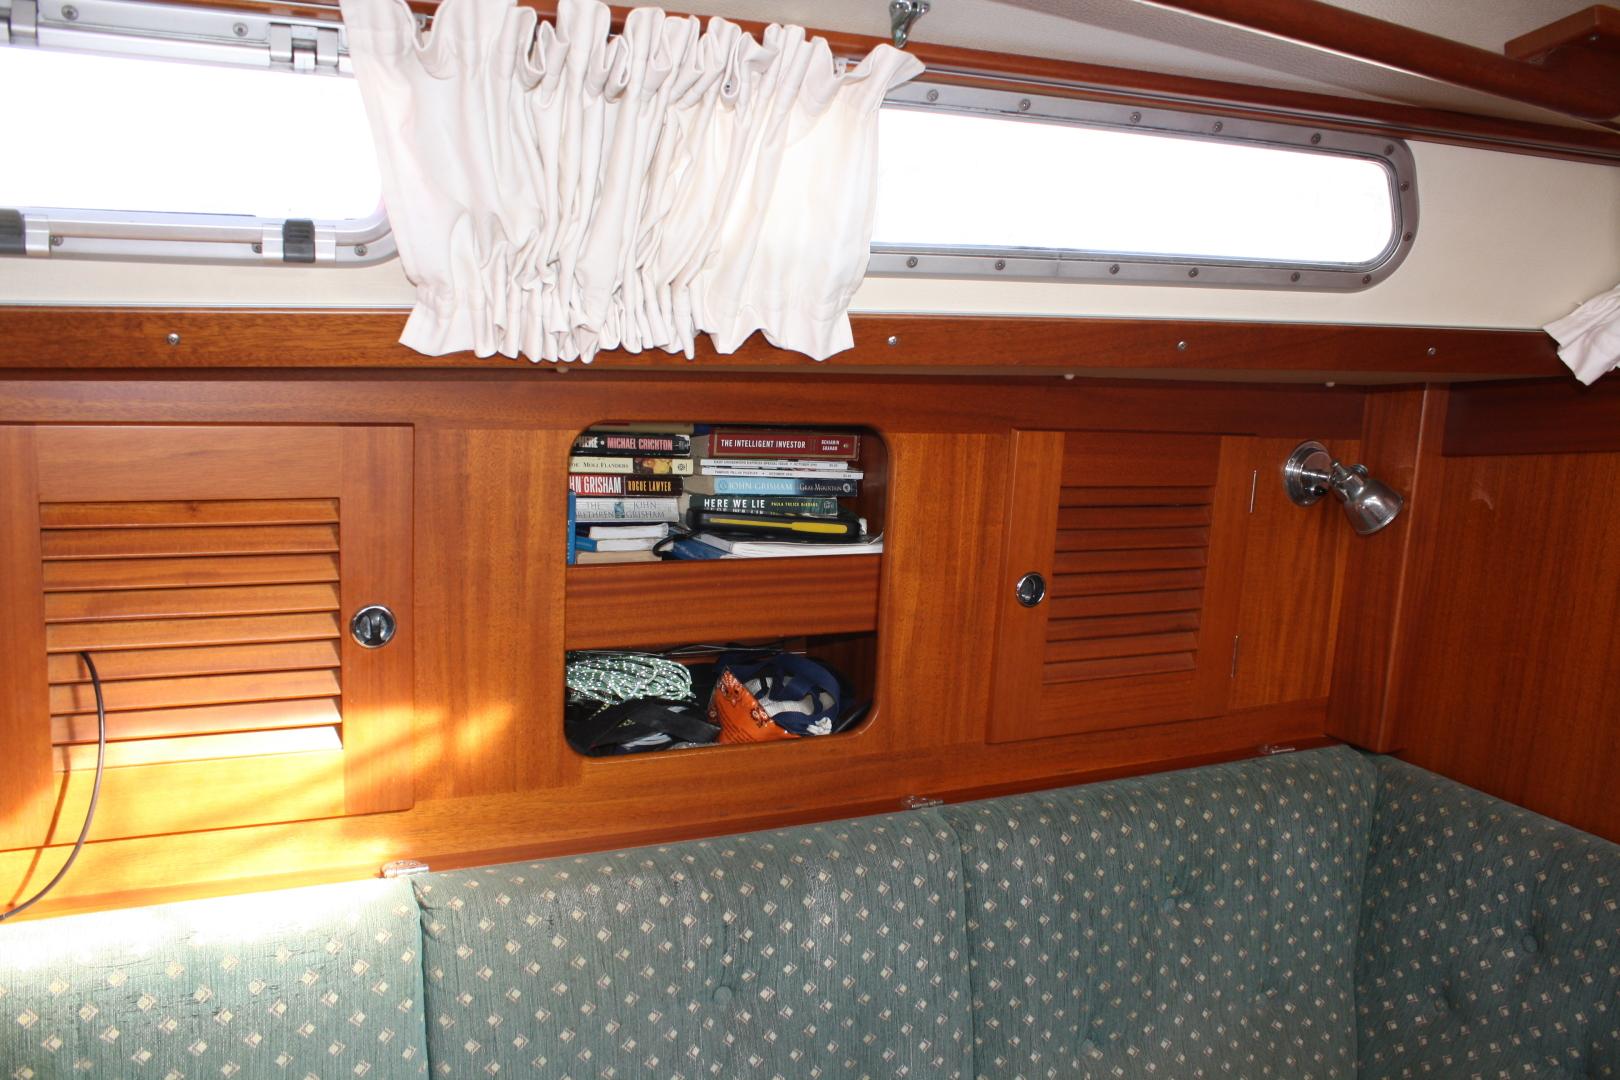 Hallberg-Rassy-36 MKII 2002-Vivace 1 Stuart-Florida-United States-1312684   Thumbnail